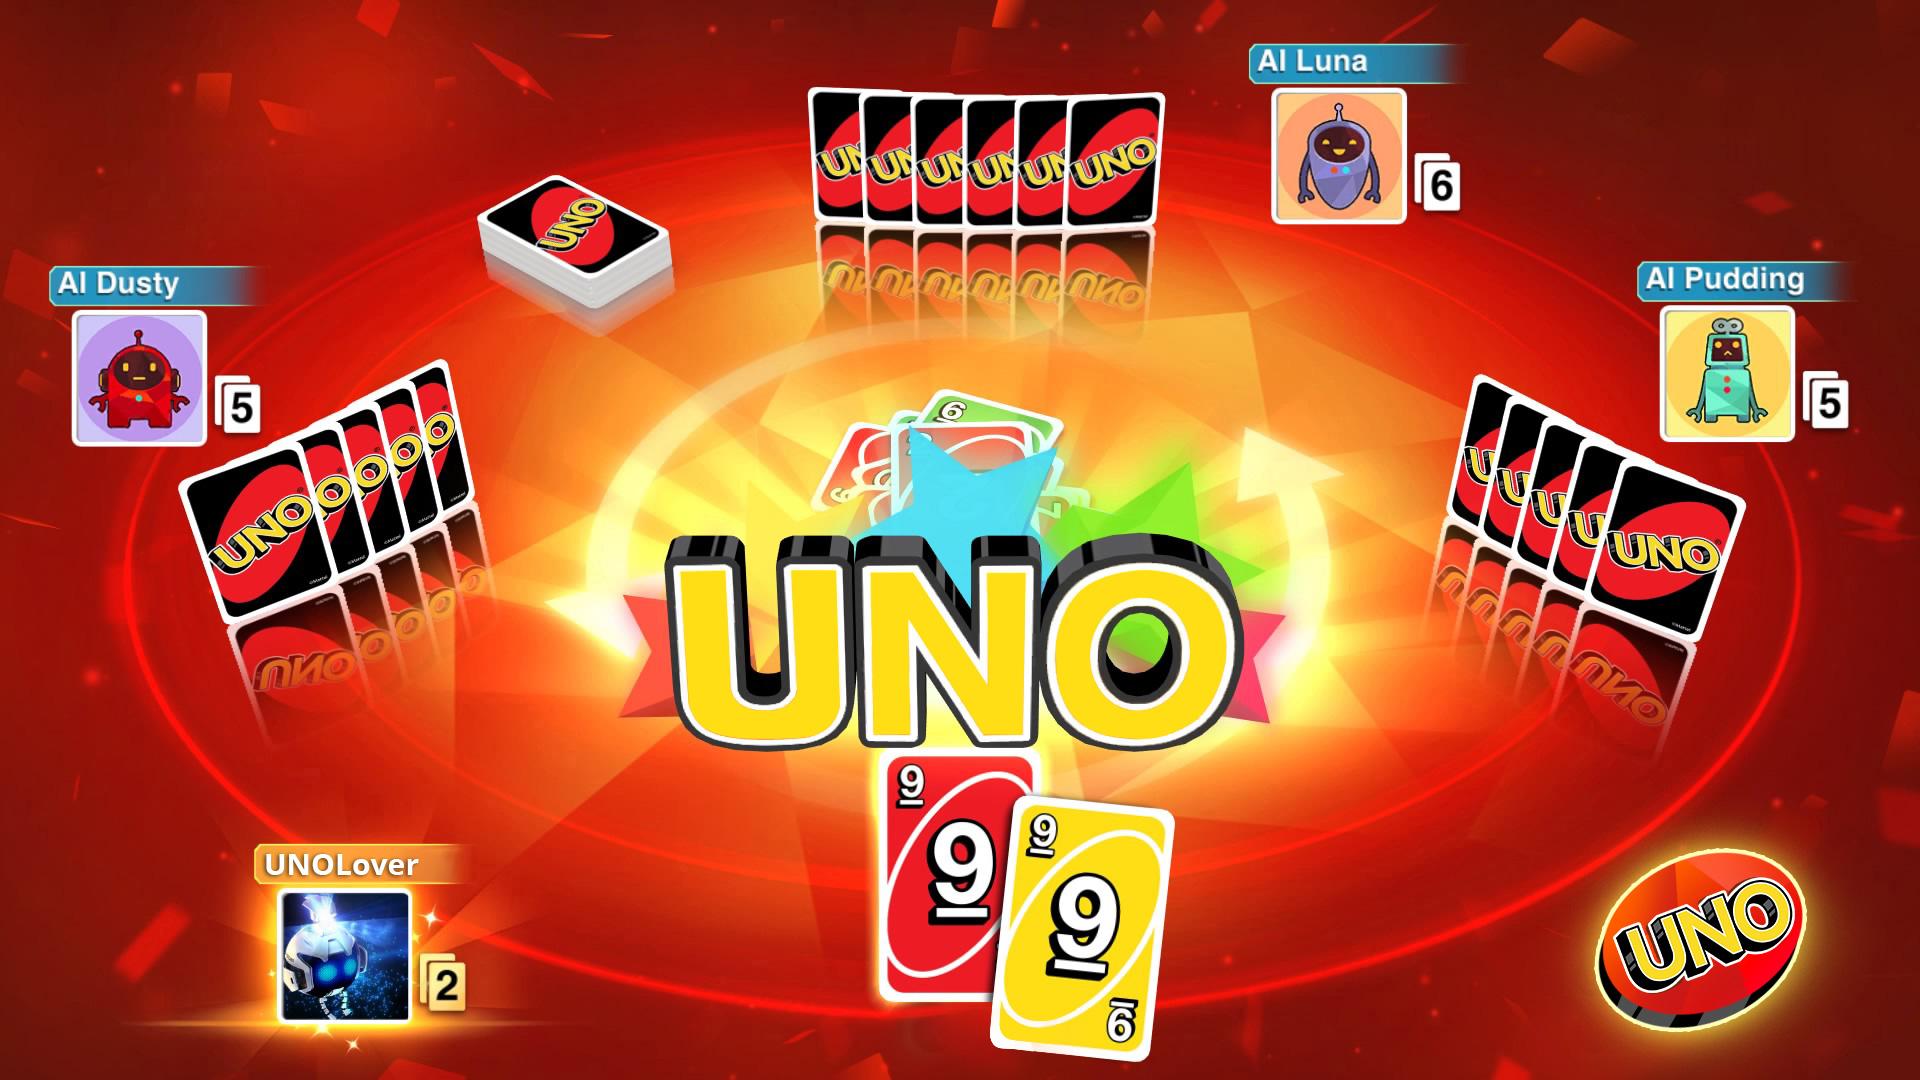 El videojuego UNO ya esta disponible para Windows